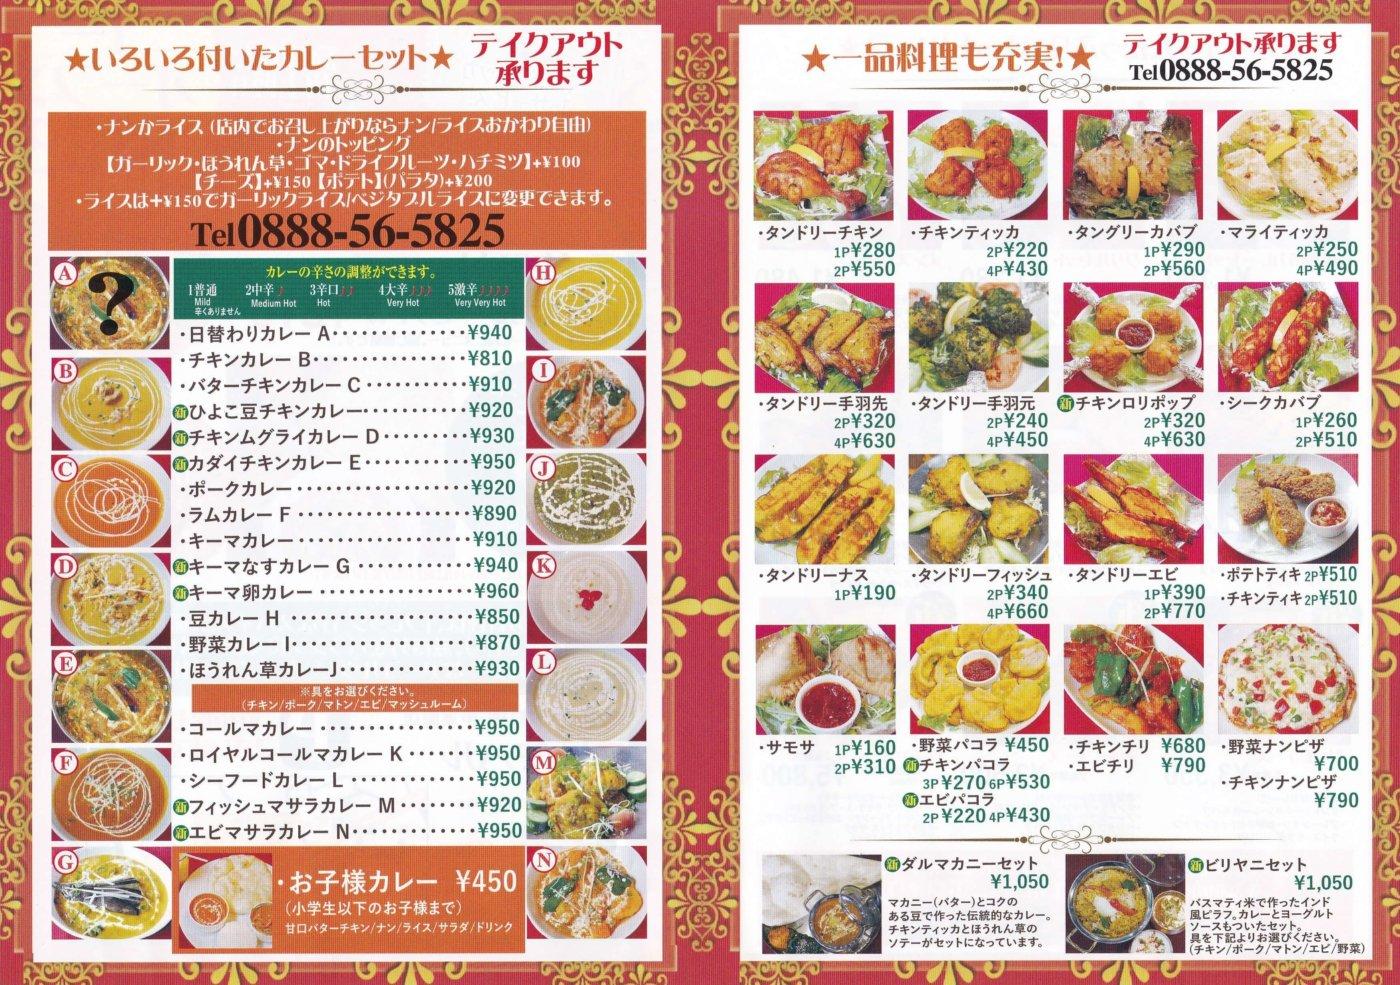 インド料理 スビマハル高知南国店のメニュー